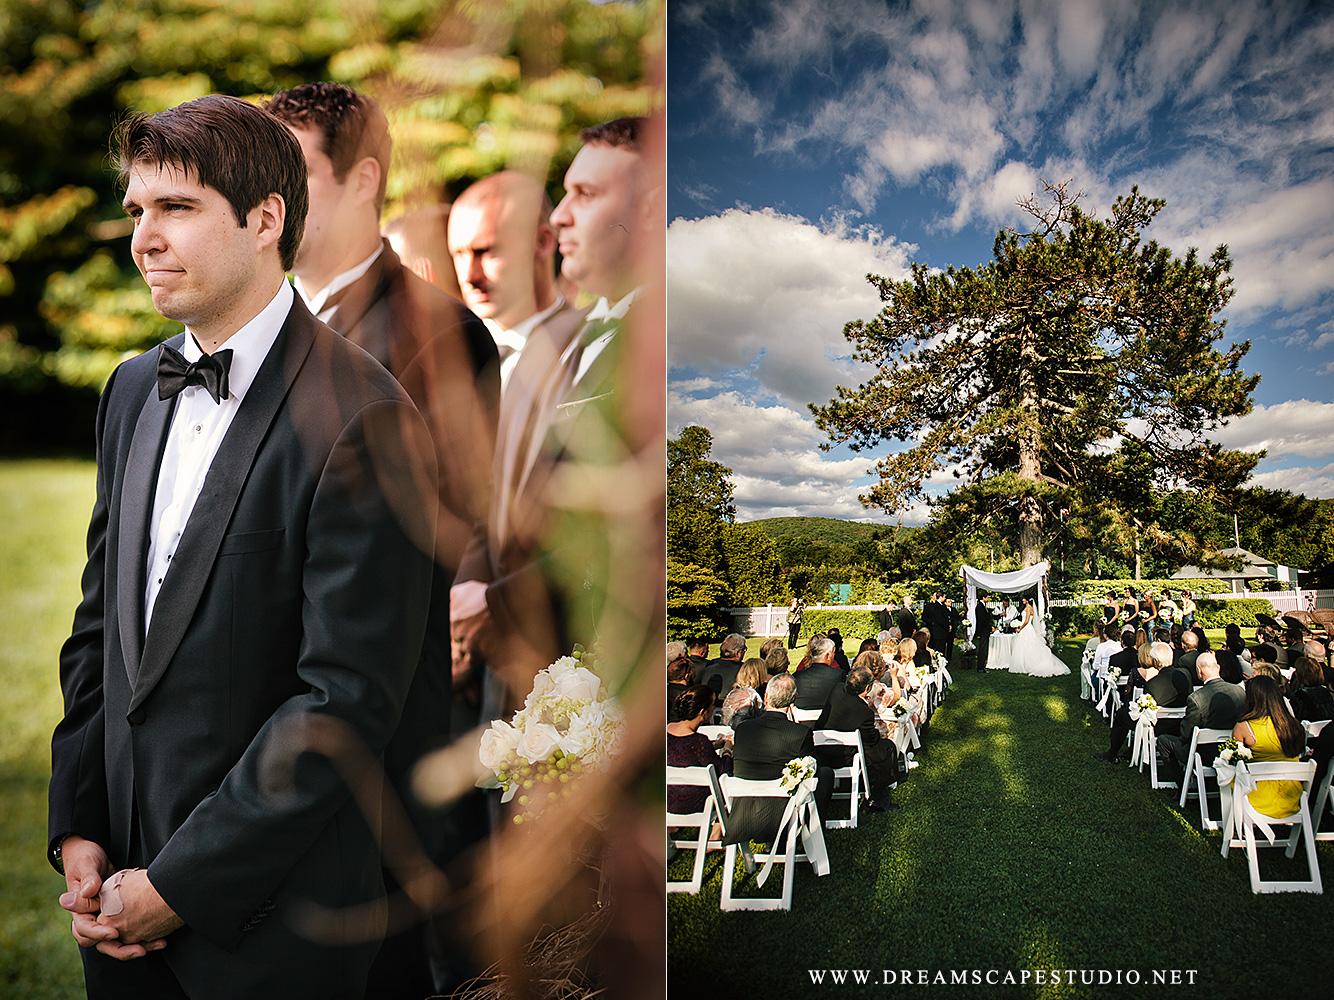 NY_Wedding_Photographer_JeRy_27.jpg